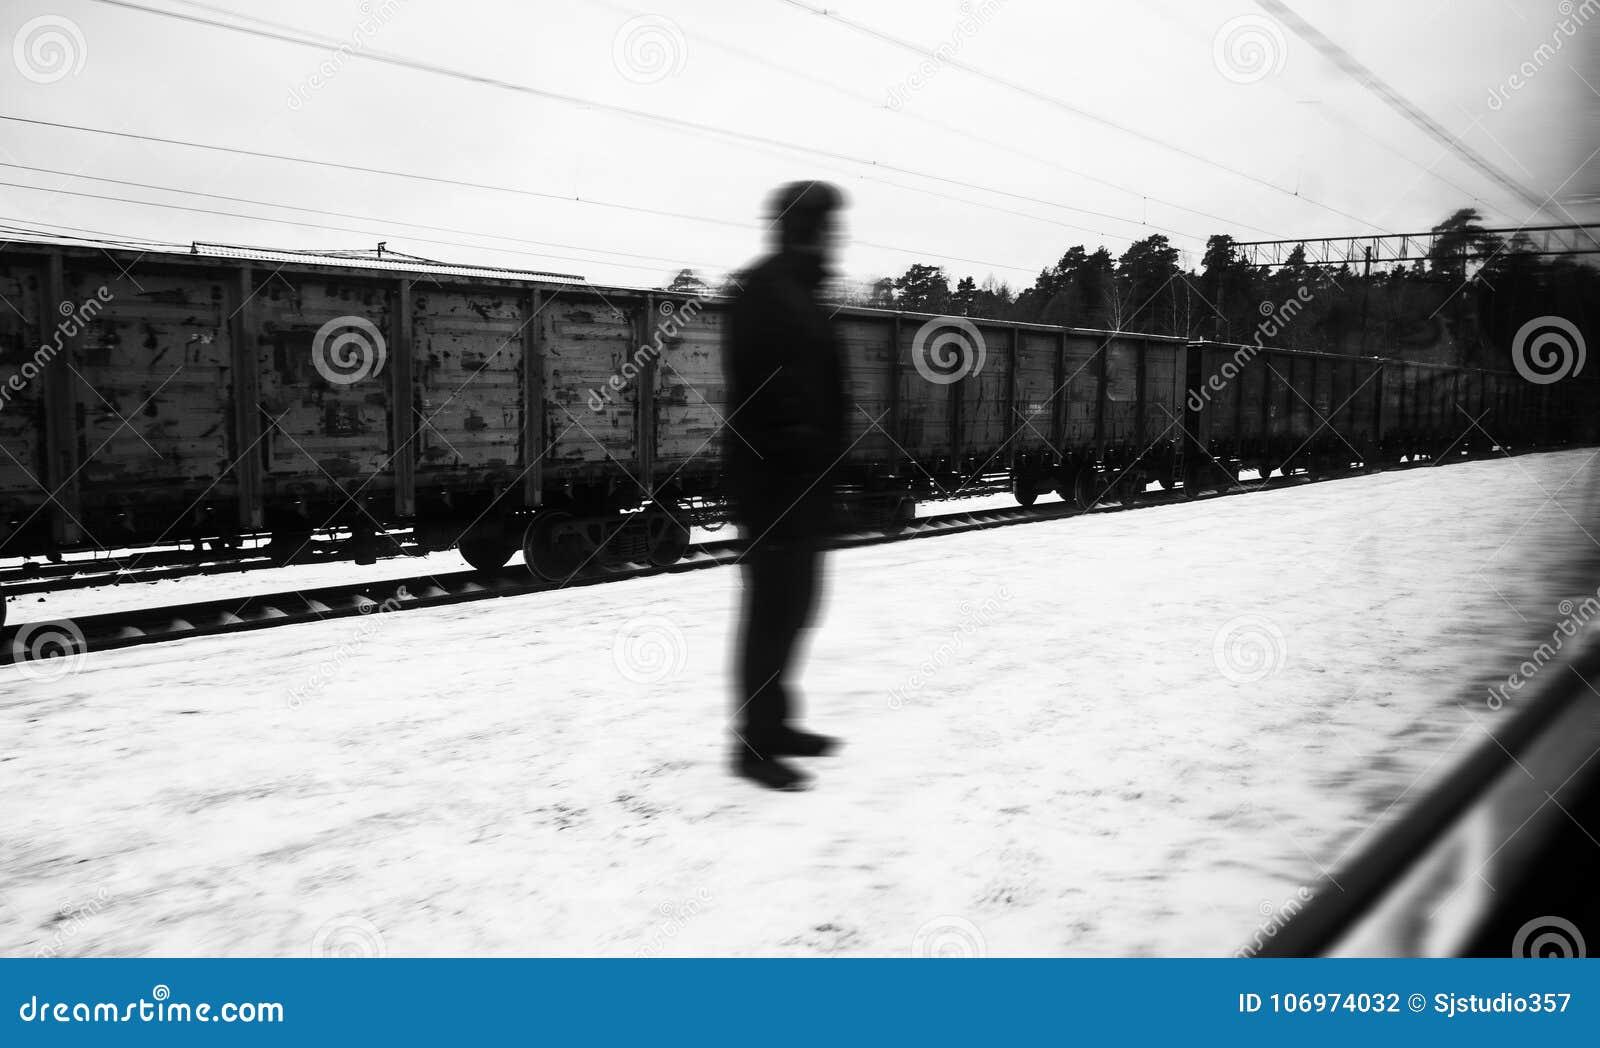 Silueta desconocida de la persona de un hombre místico extraño, colocándose en la calle, en el fondo de los carros del tren de ca